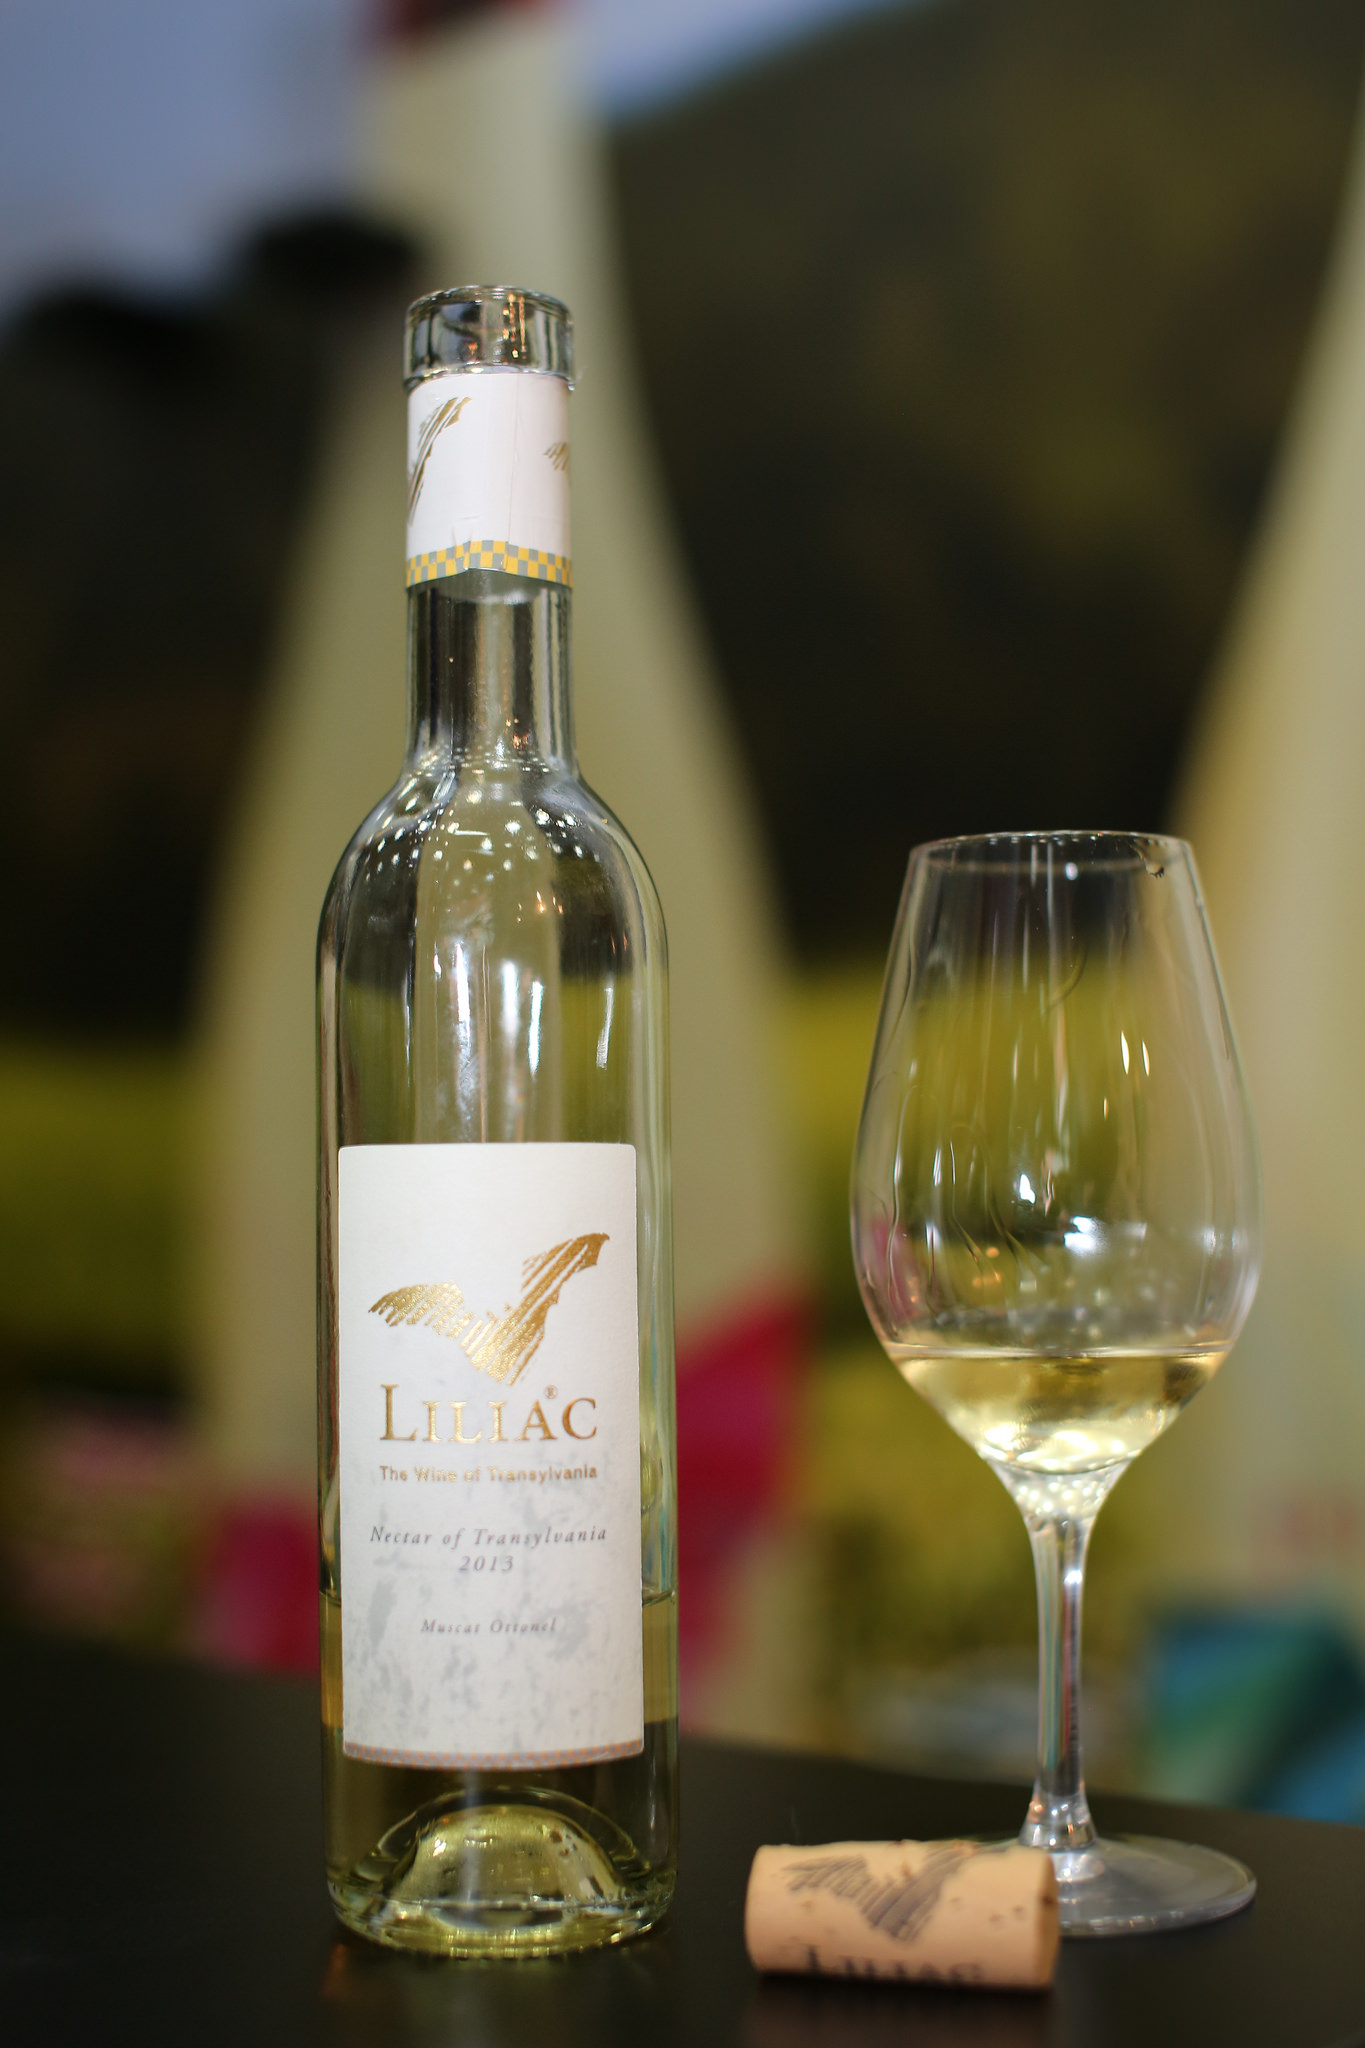 Liliac, Nectar de Transilvania